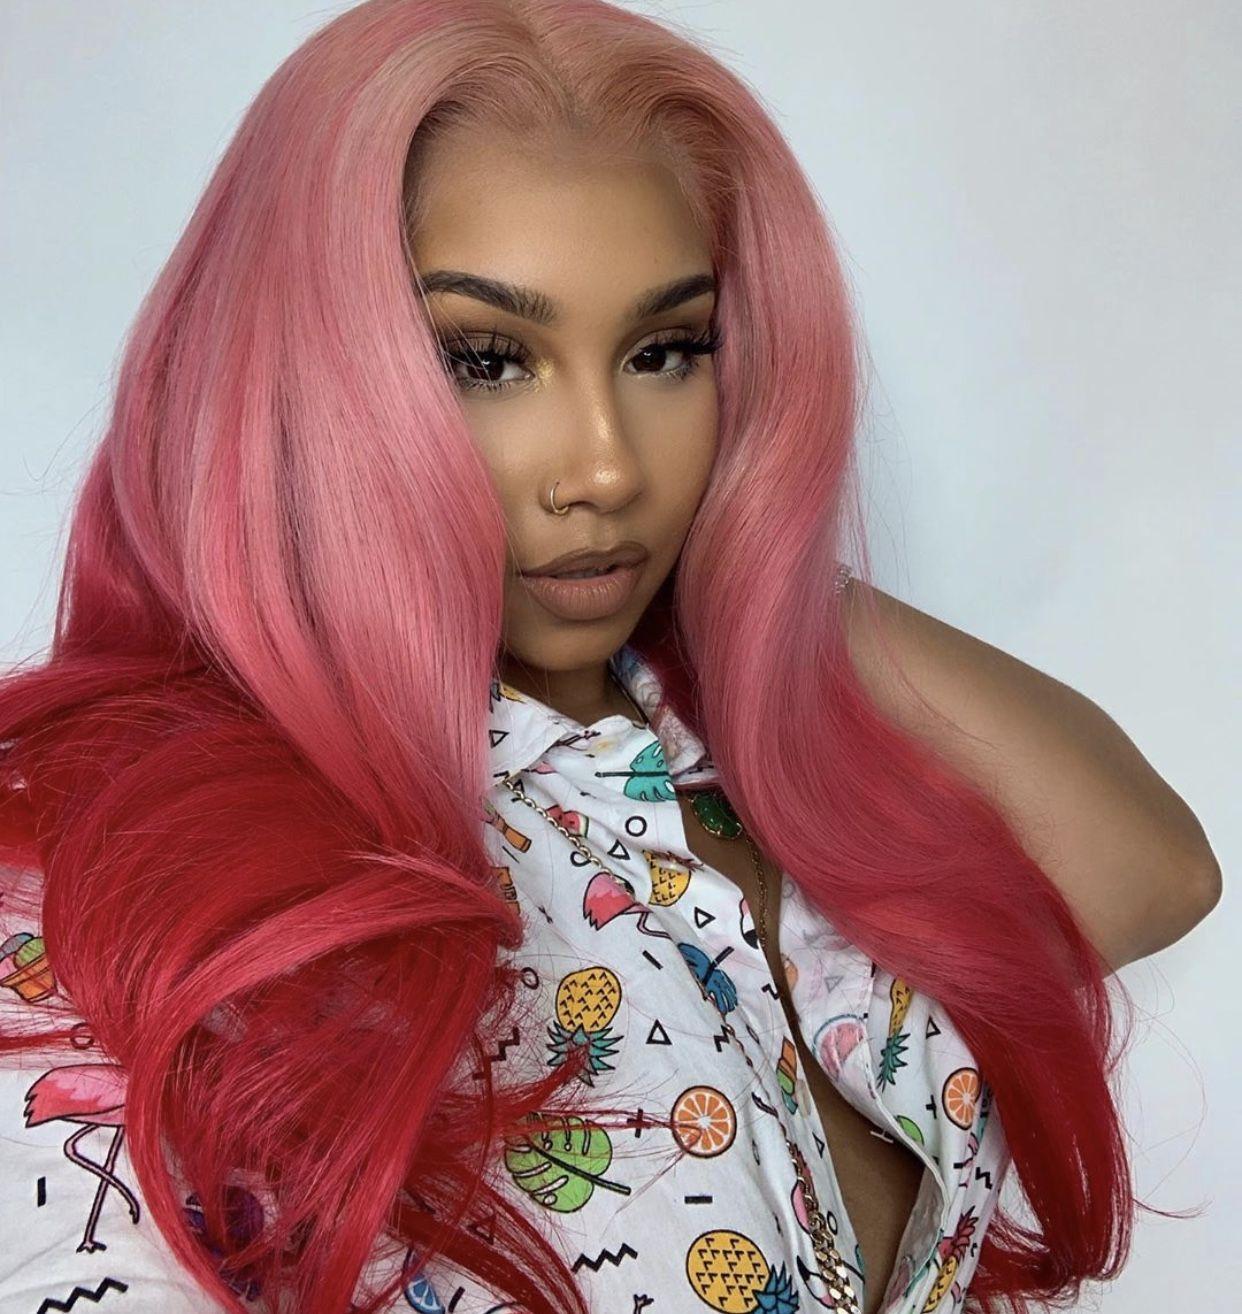 Pin By Christina L Dixon On Anayal8ter Human Virgin Hair Pink Hair Hair Styles